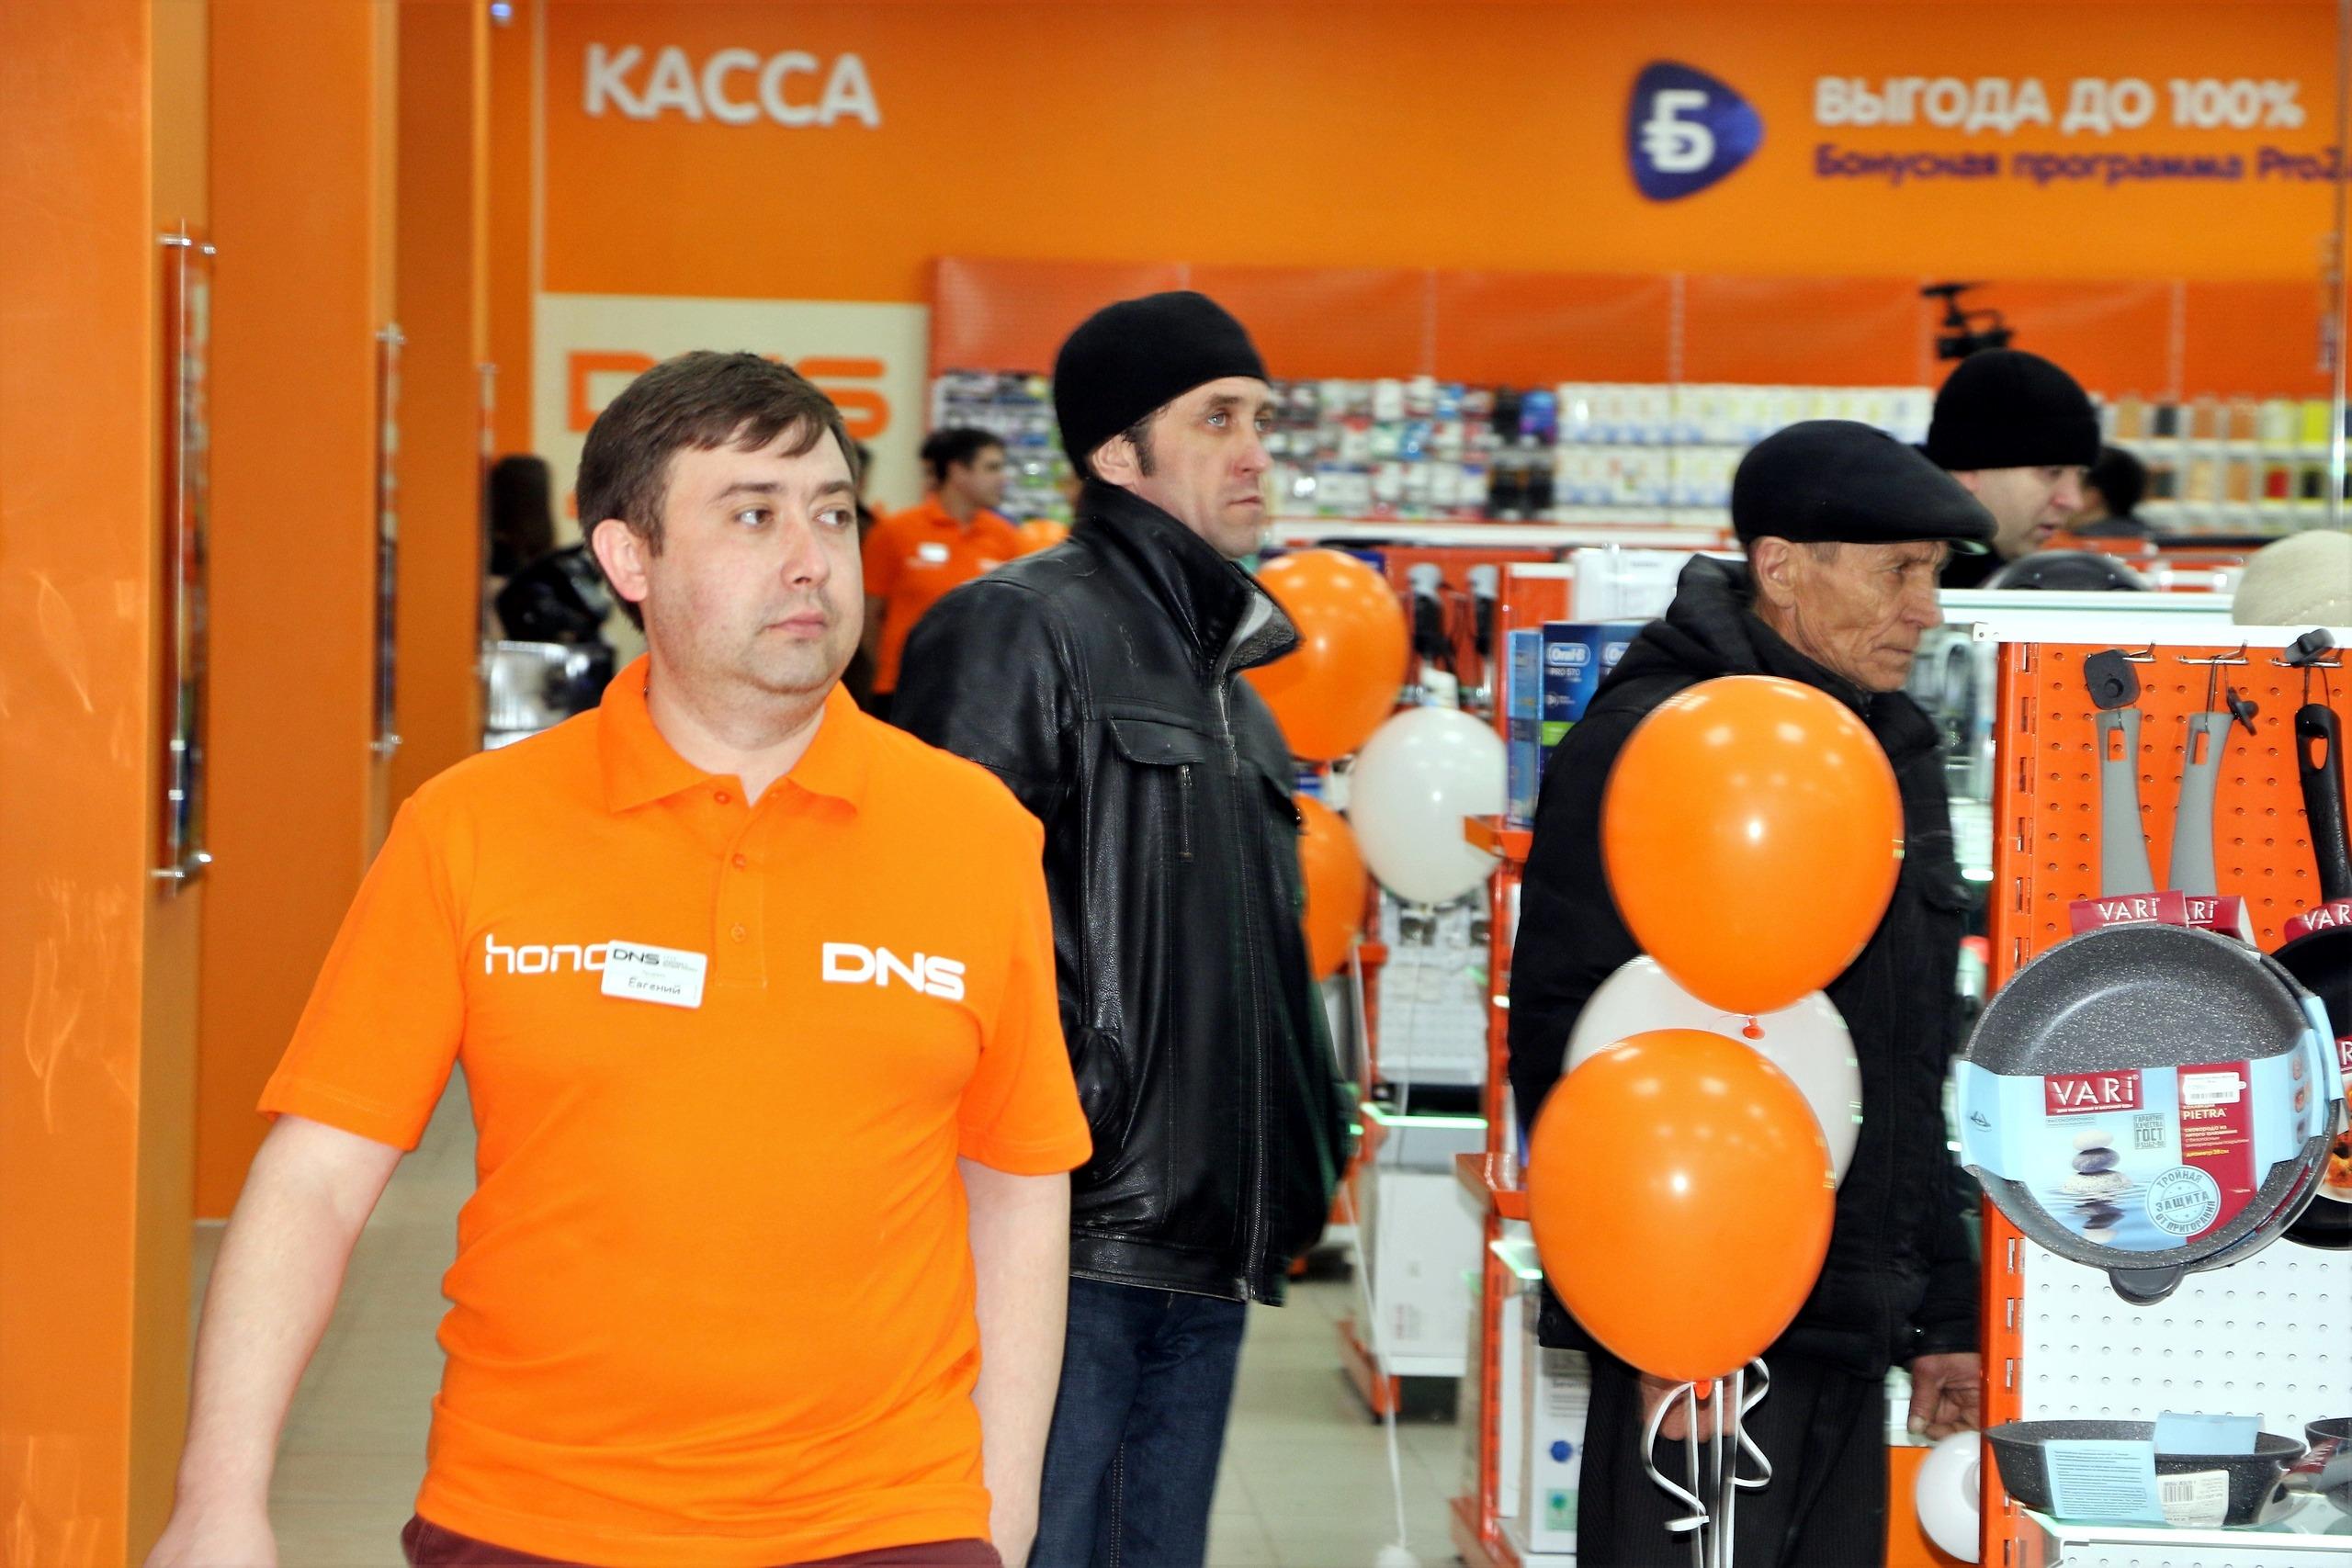 В Туринске открылся супермаркет цифровой и бытовой техники DNS.